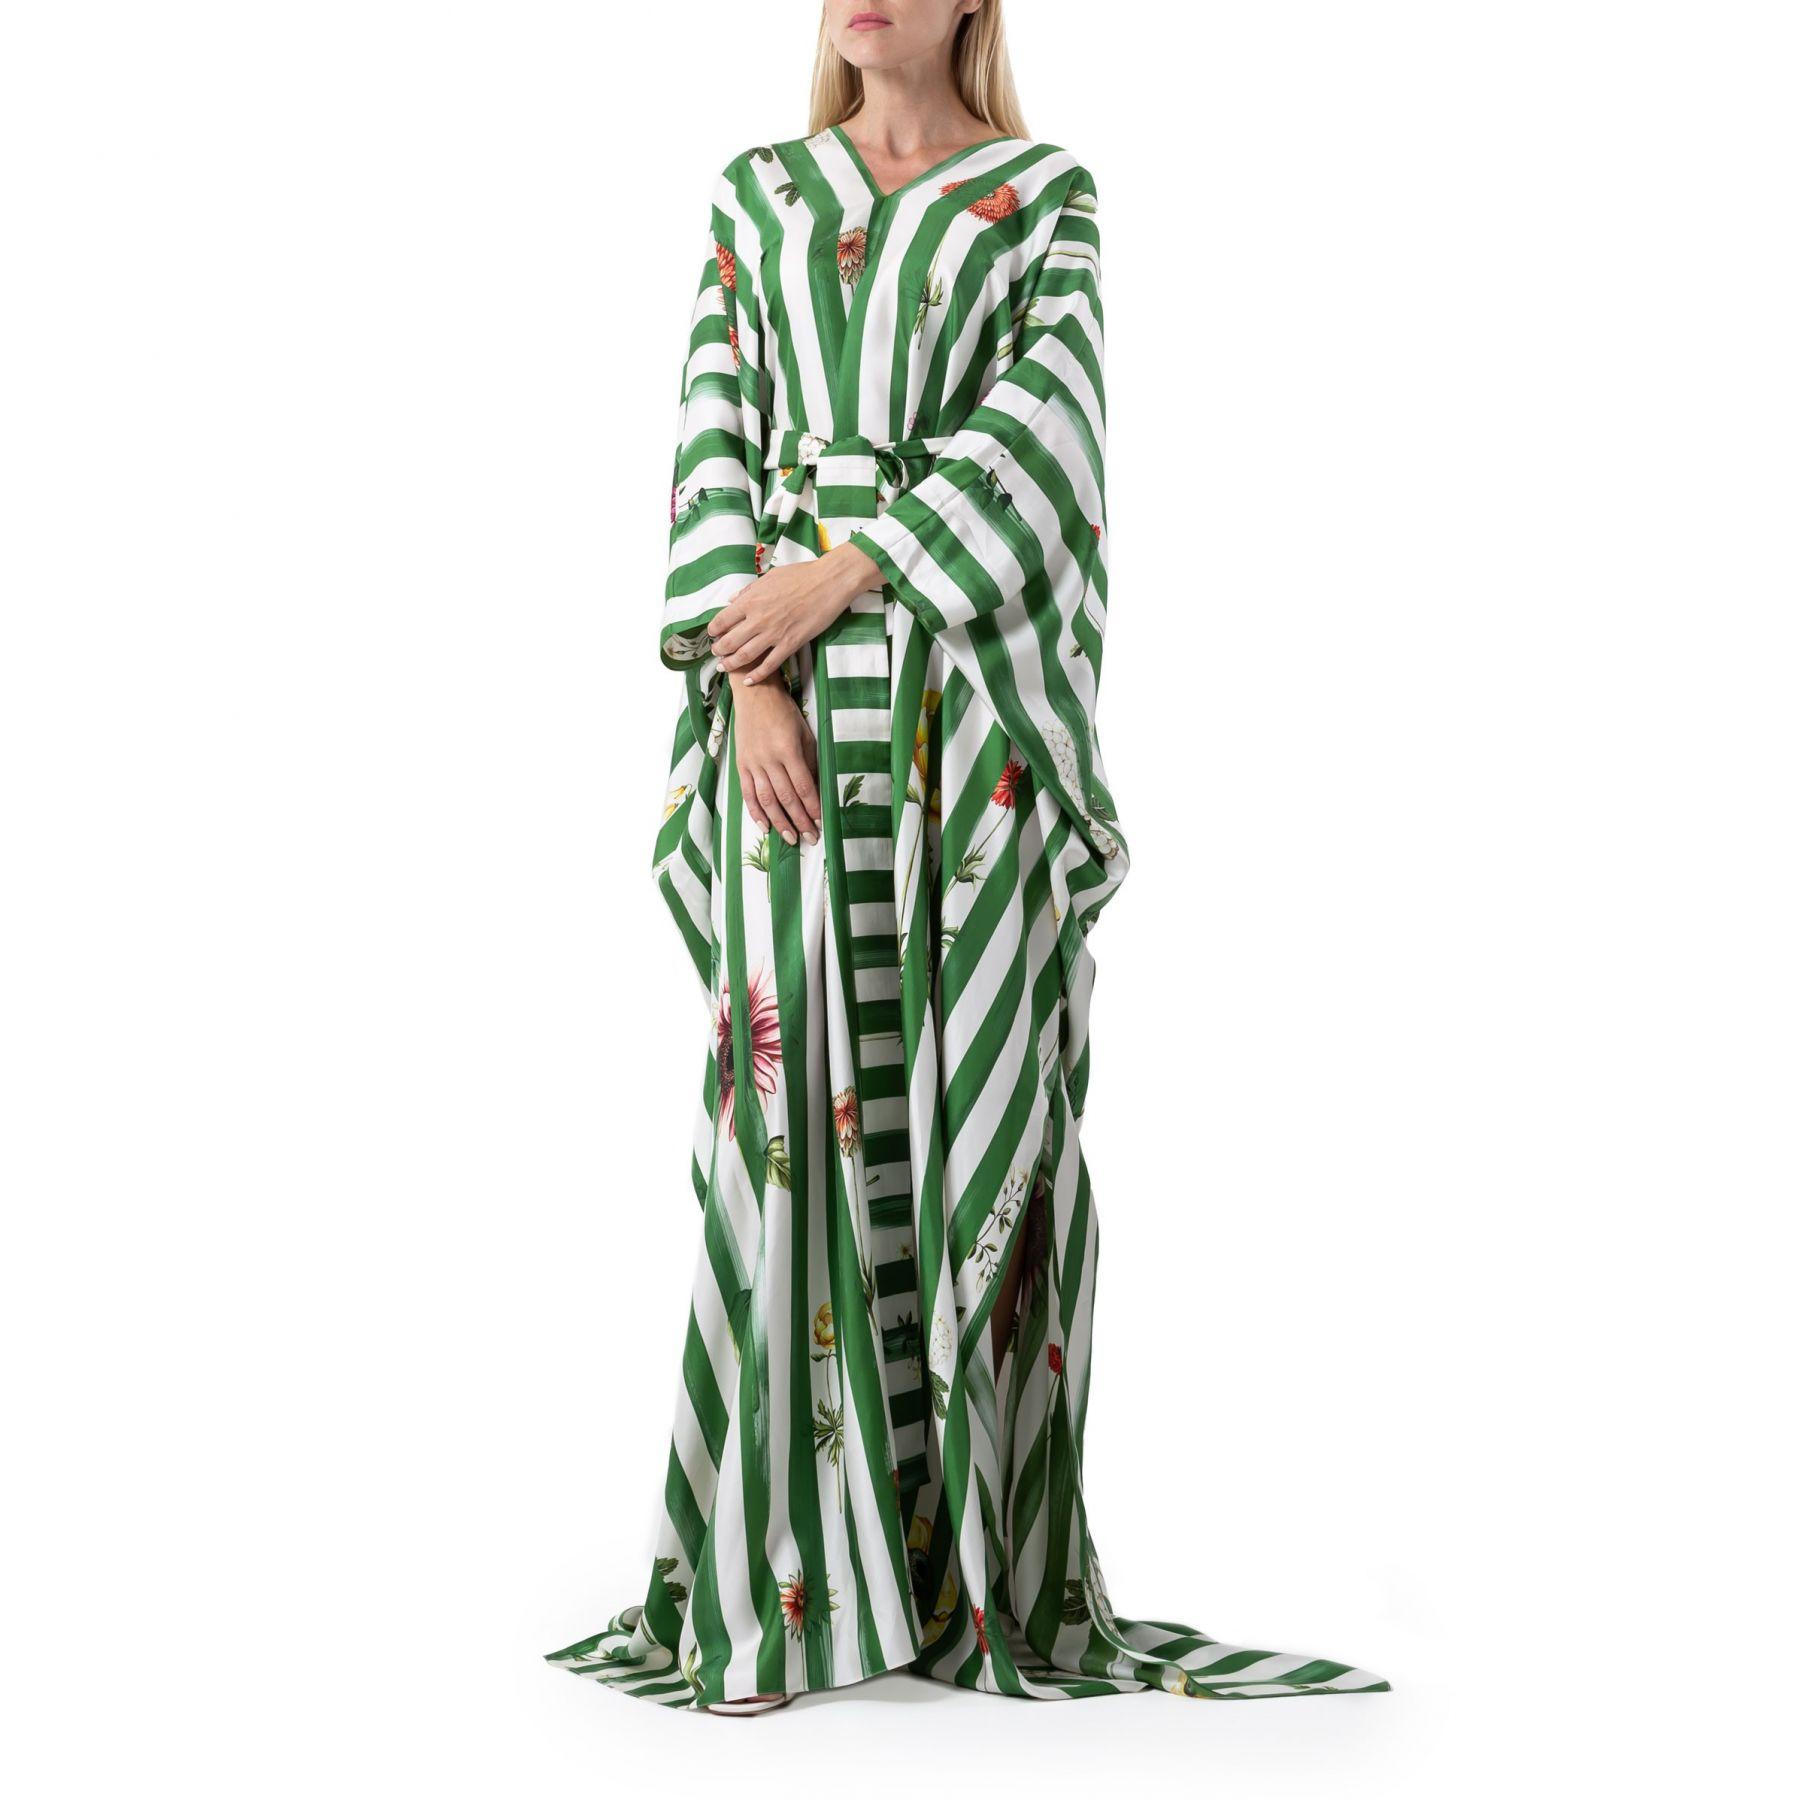 Кафтан Oscar de la Renta бело-зеленый